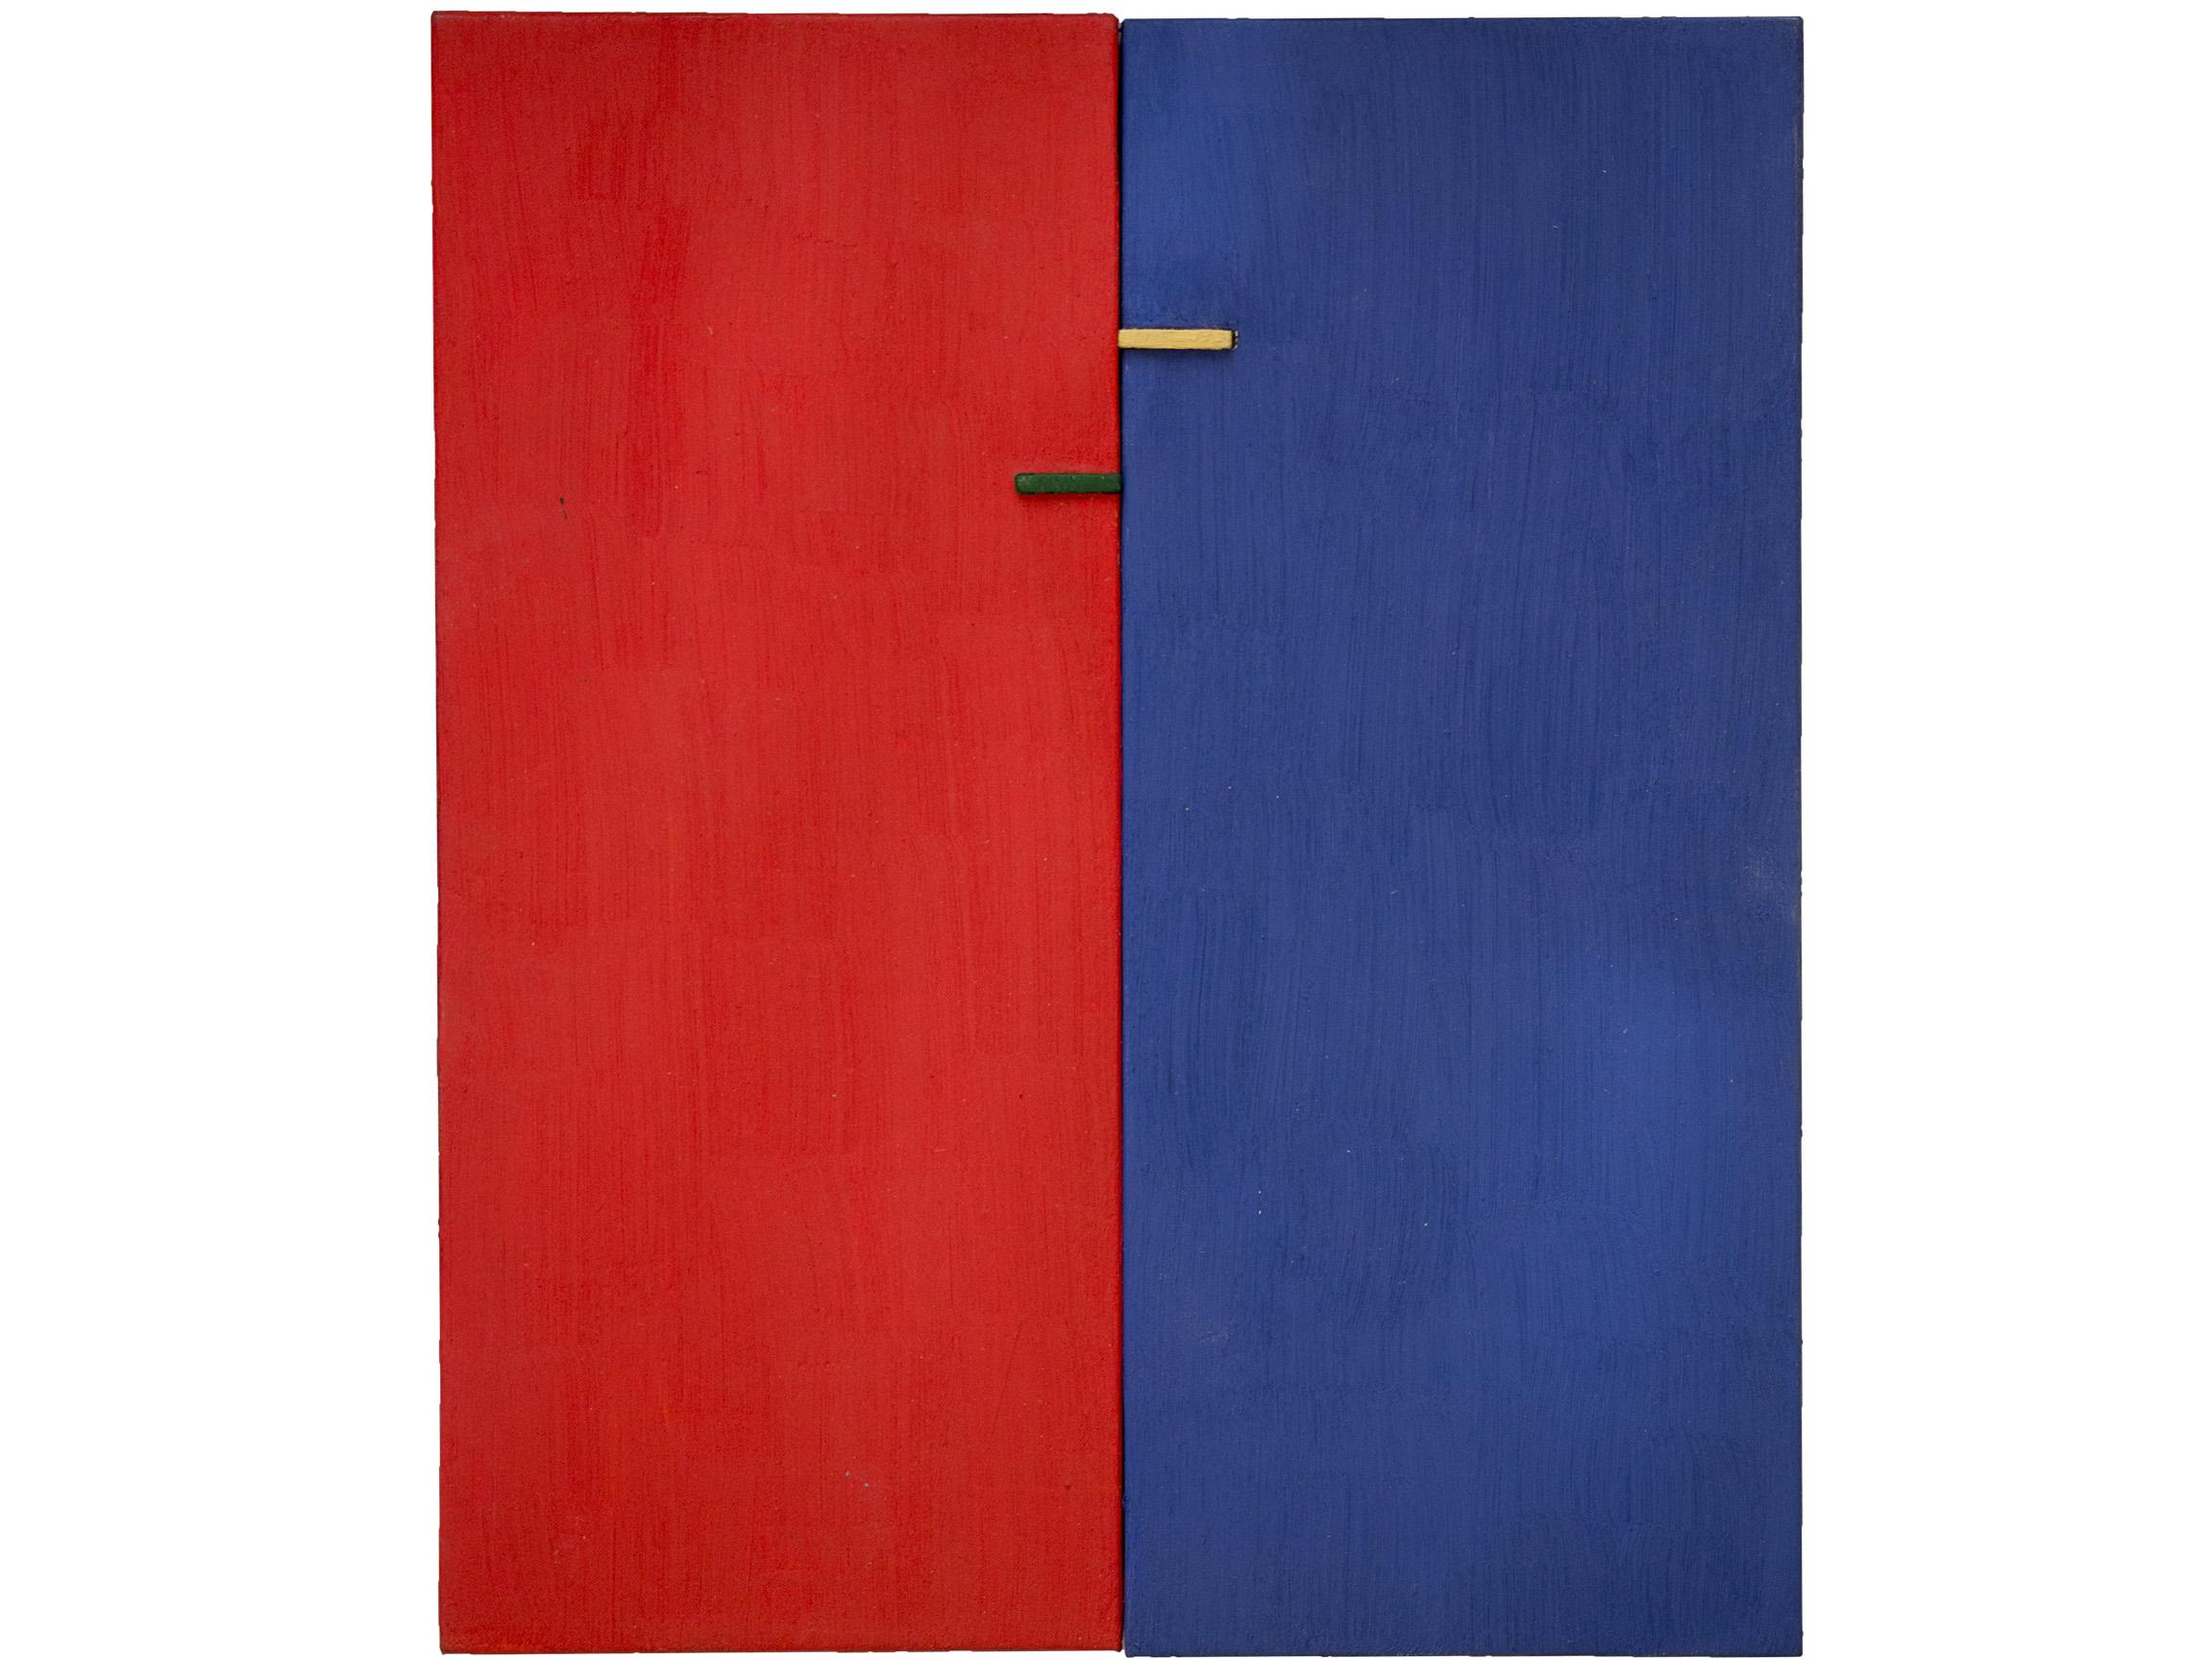 Gal. Karla Osorio. .art. Ricardo Homen. Sem título. Óleo sob. madeira e papel. 21x26x3. 2015-2017